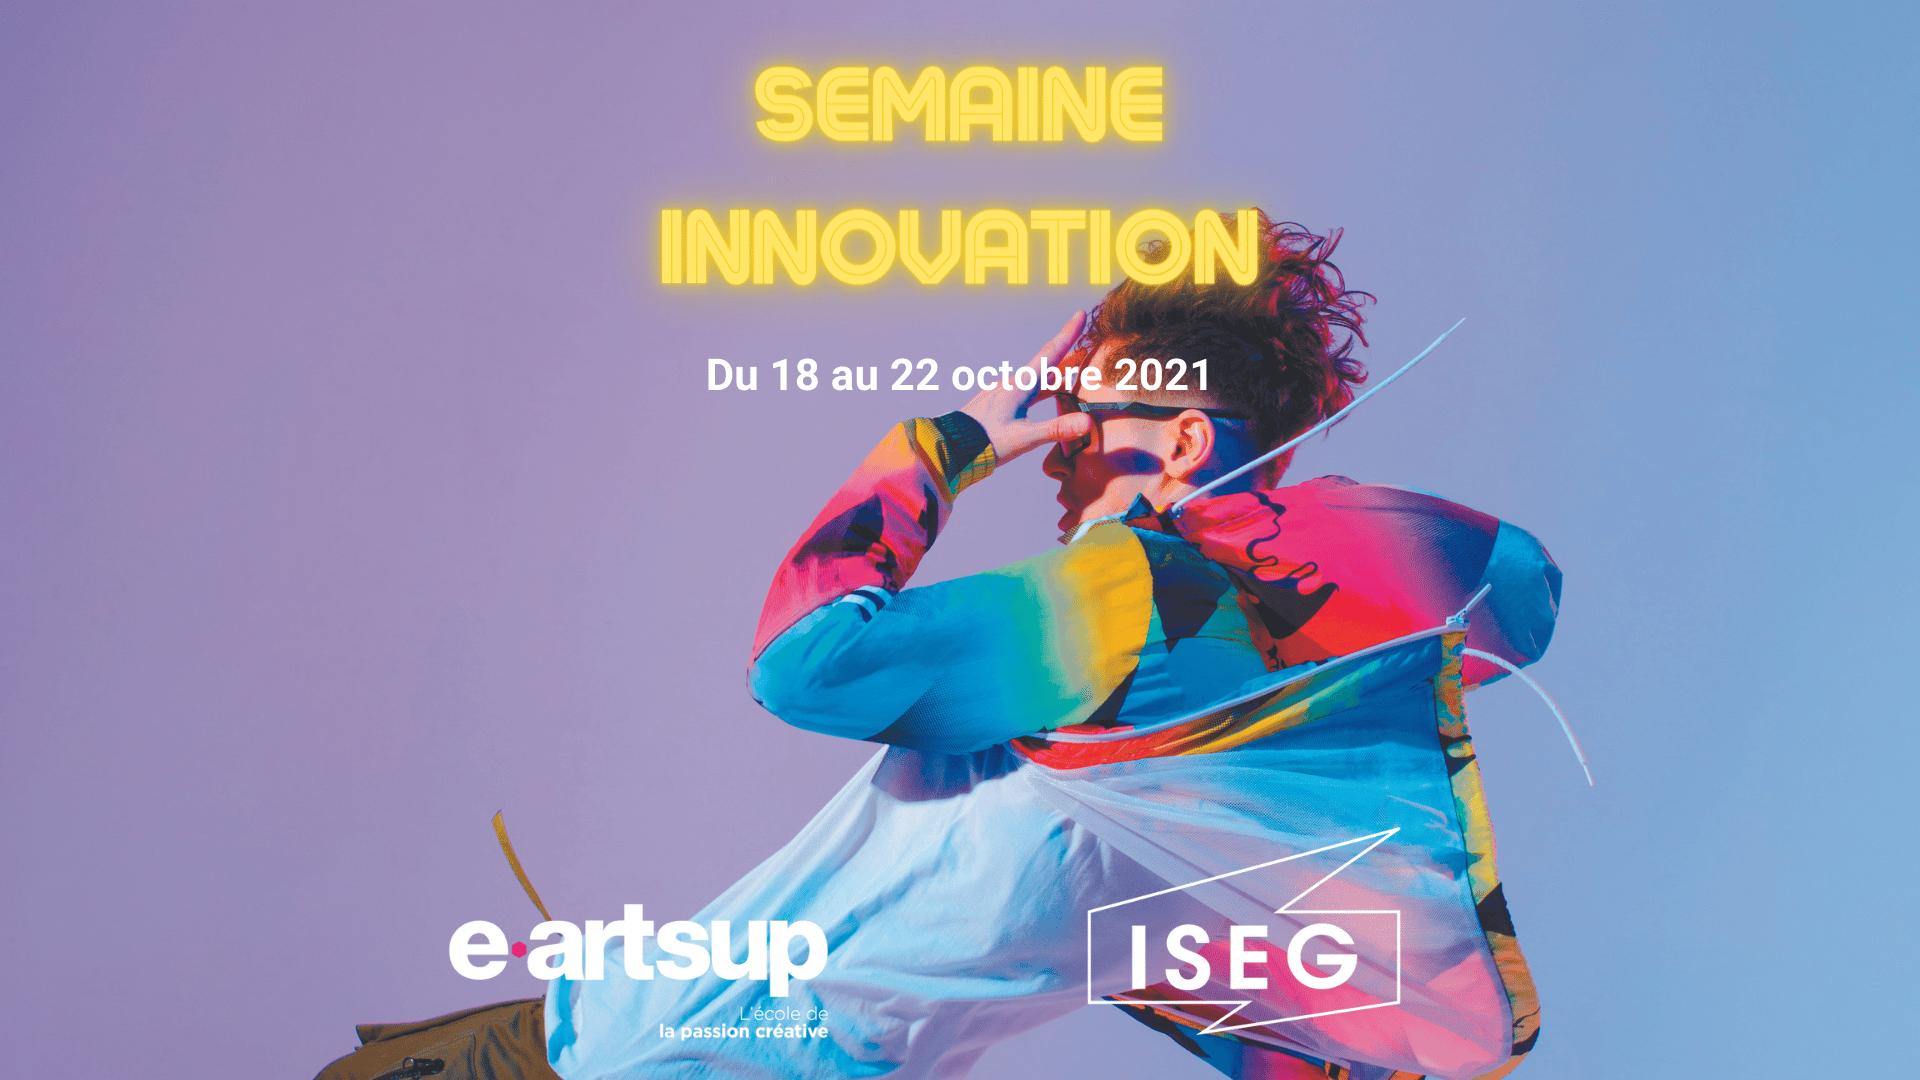 Semaine Innovation : les étudiants parisiens challengés par 4 startups